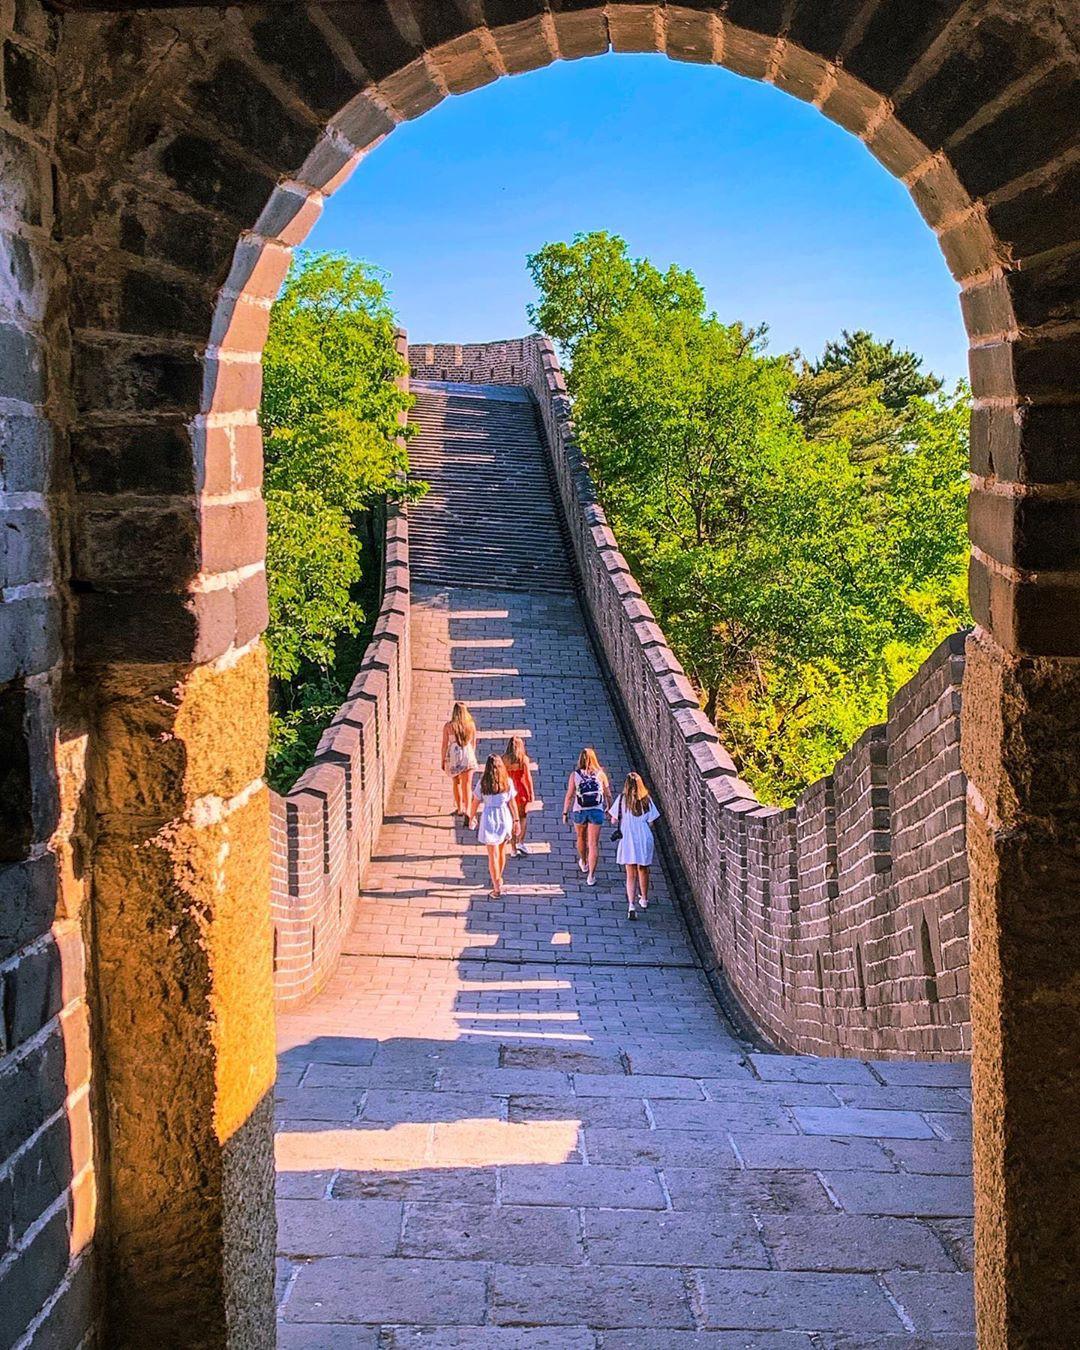 CNN công bố 19 điểm đến du lịch tốt nhất châu Á, Việt Nam có tới 2 đại diện bất ngờ lọt top - Hình 14